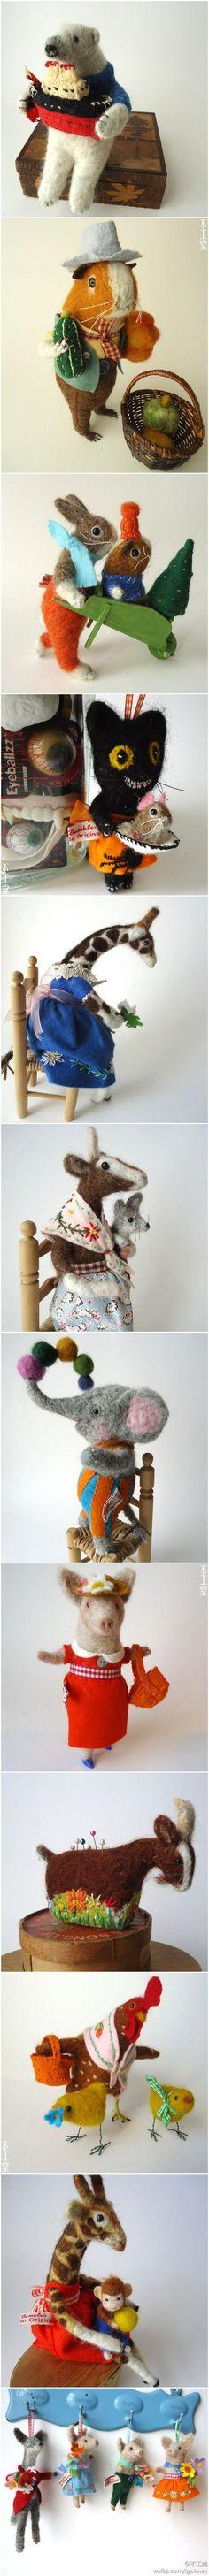 如果用像还是不像来评价,也许Miss Bumbles的这些羊毛毡小玩偶算不上优秀,但是它们的可爱以及富有生活气息的特质却是其他类似作品所不具备的。感谢@Cheerylan J J J J 的推荐!